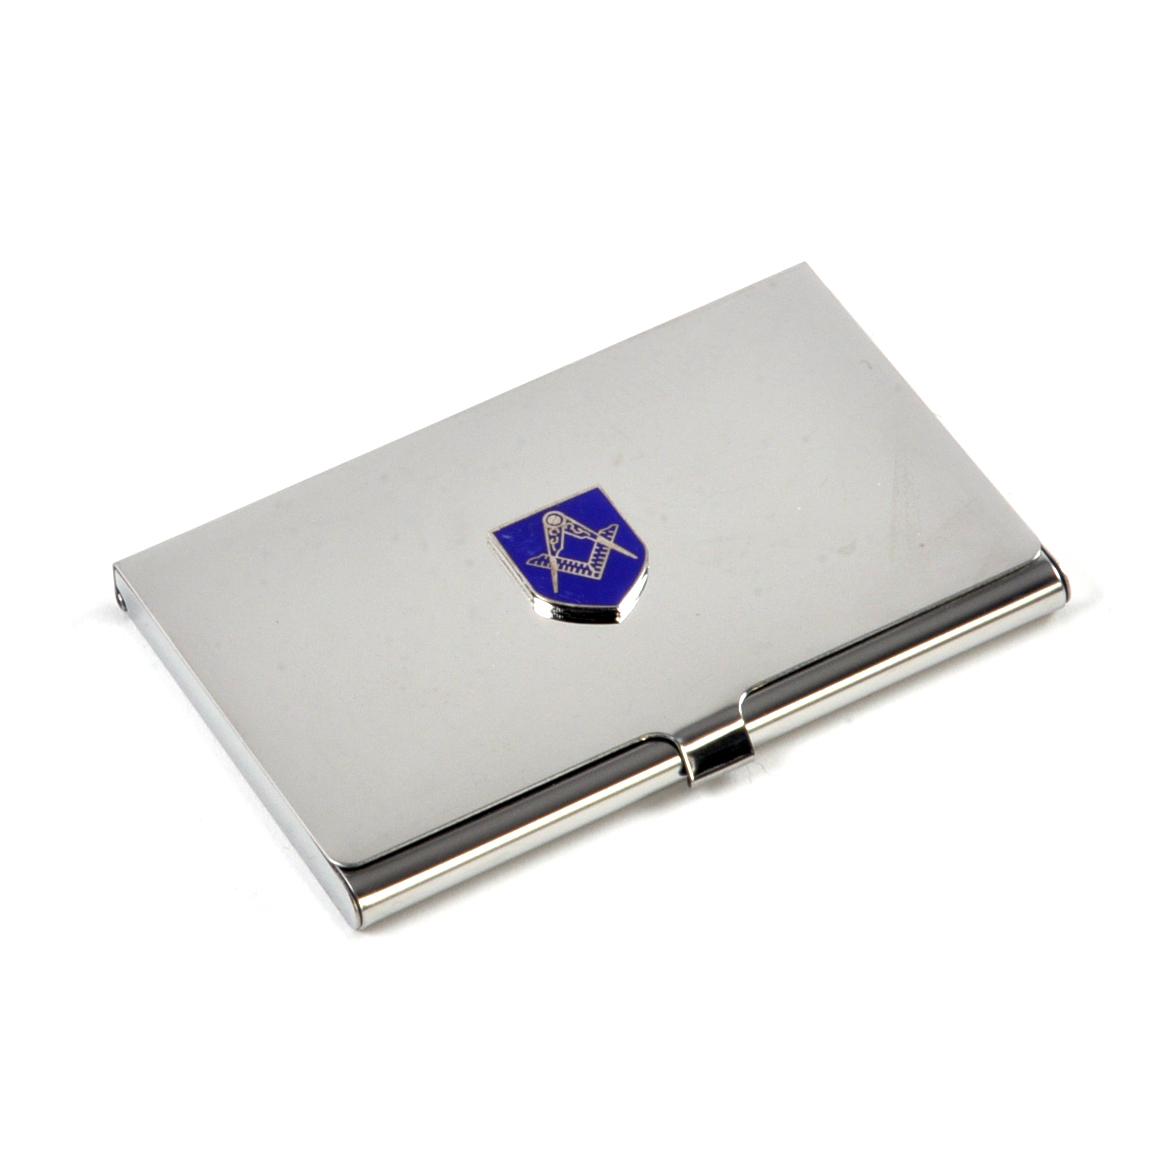 Masonic business card case high polished chrome with mason badge masonic business card case high polished chrome with mason badge colourmoves